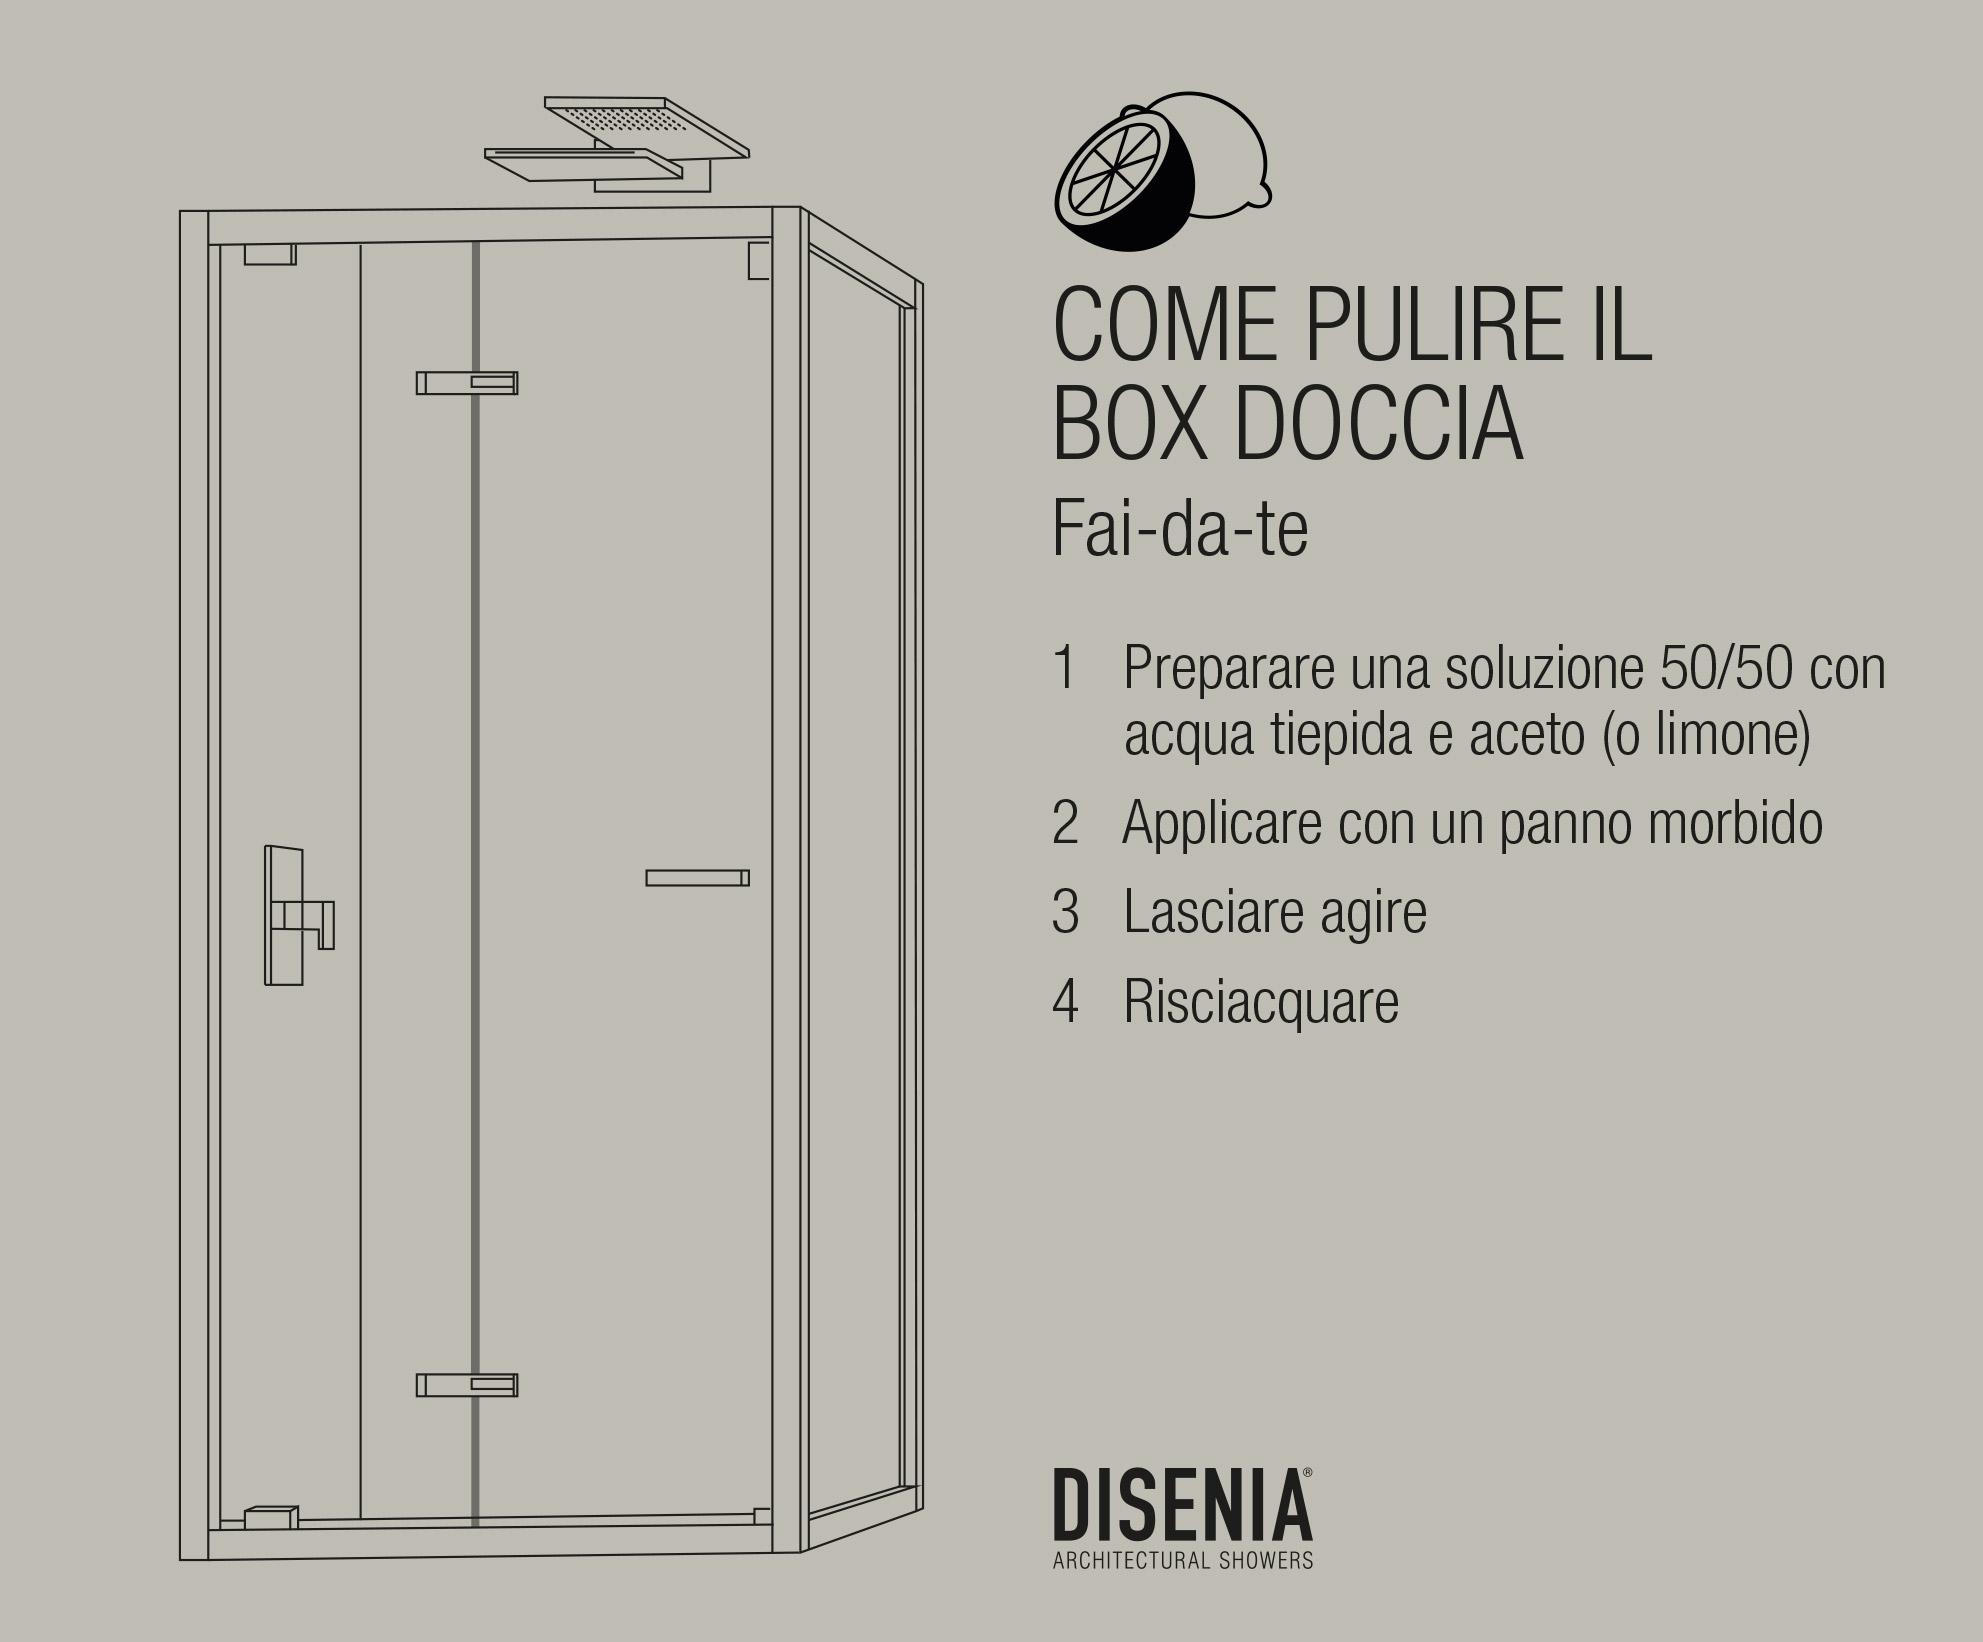 Consigli per pulire il box doccia ceramiche bm - Il box doccia ...